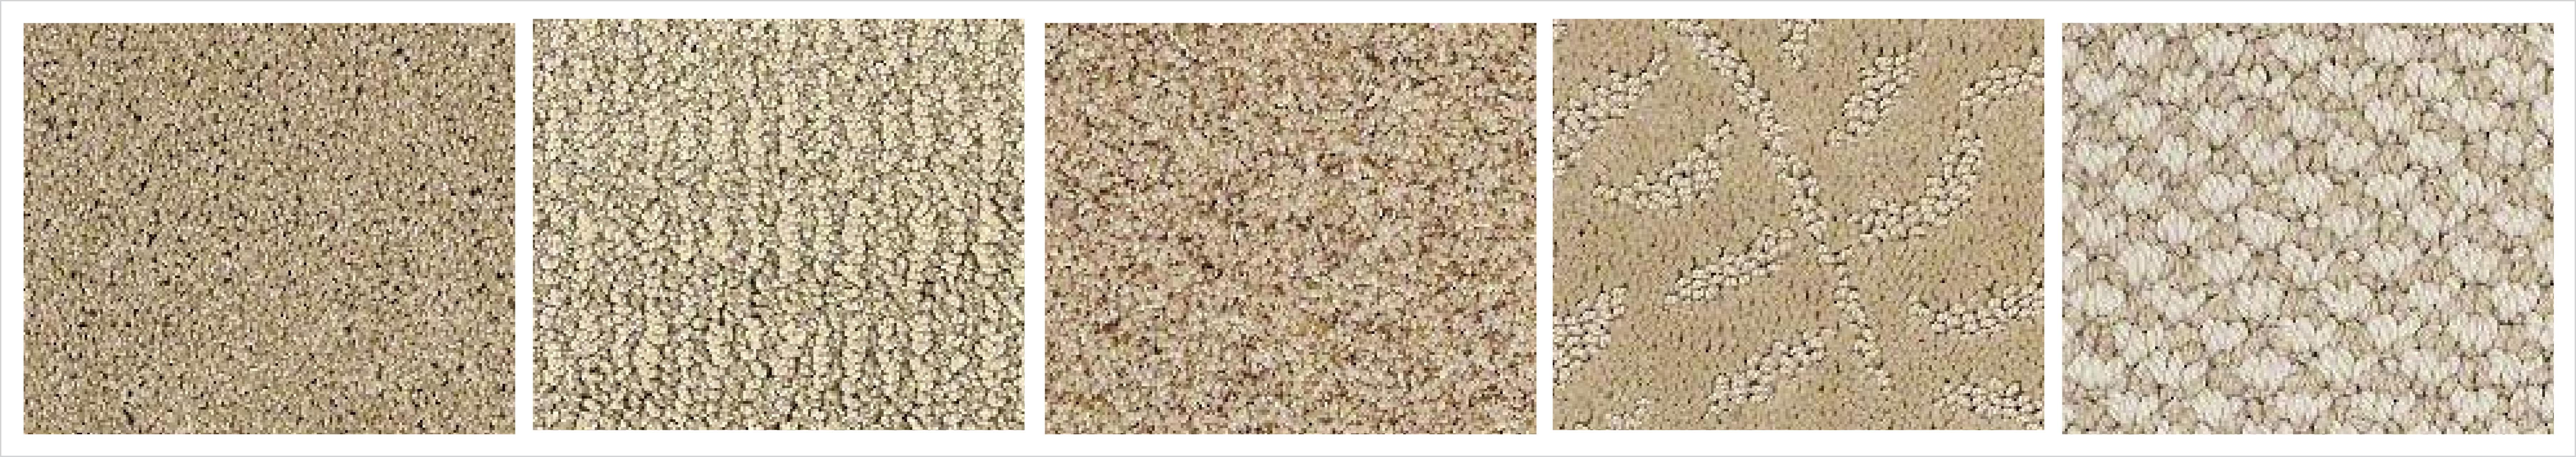 carpet styles #2 CCCDRHH